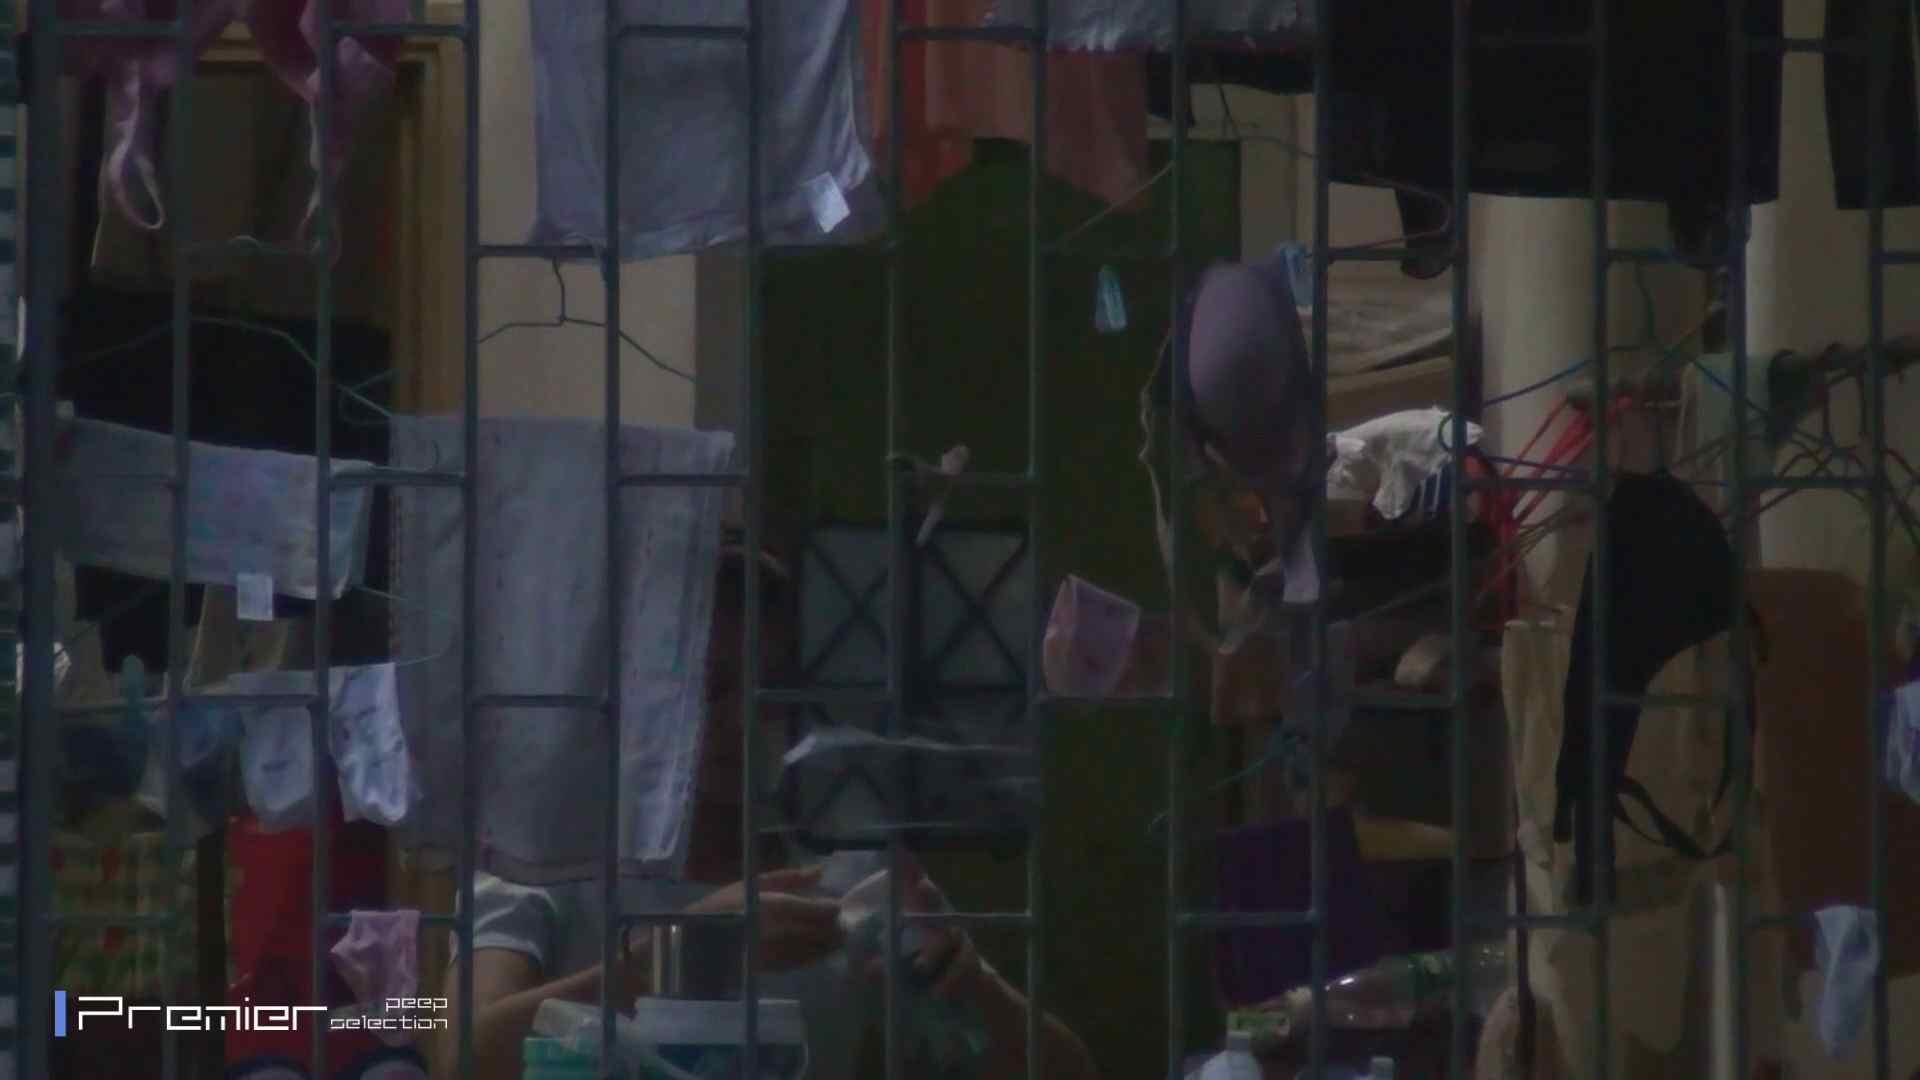 おまんこ:激撮り美女の洗顔シーン Vol.05 美女の痴態に密着!:怪盗ジョーカー